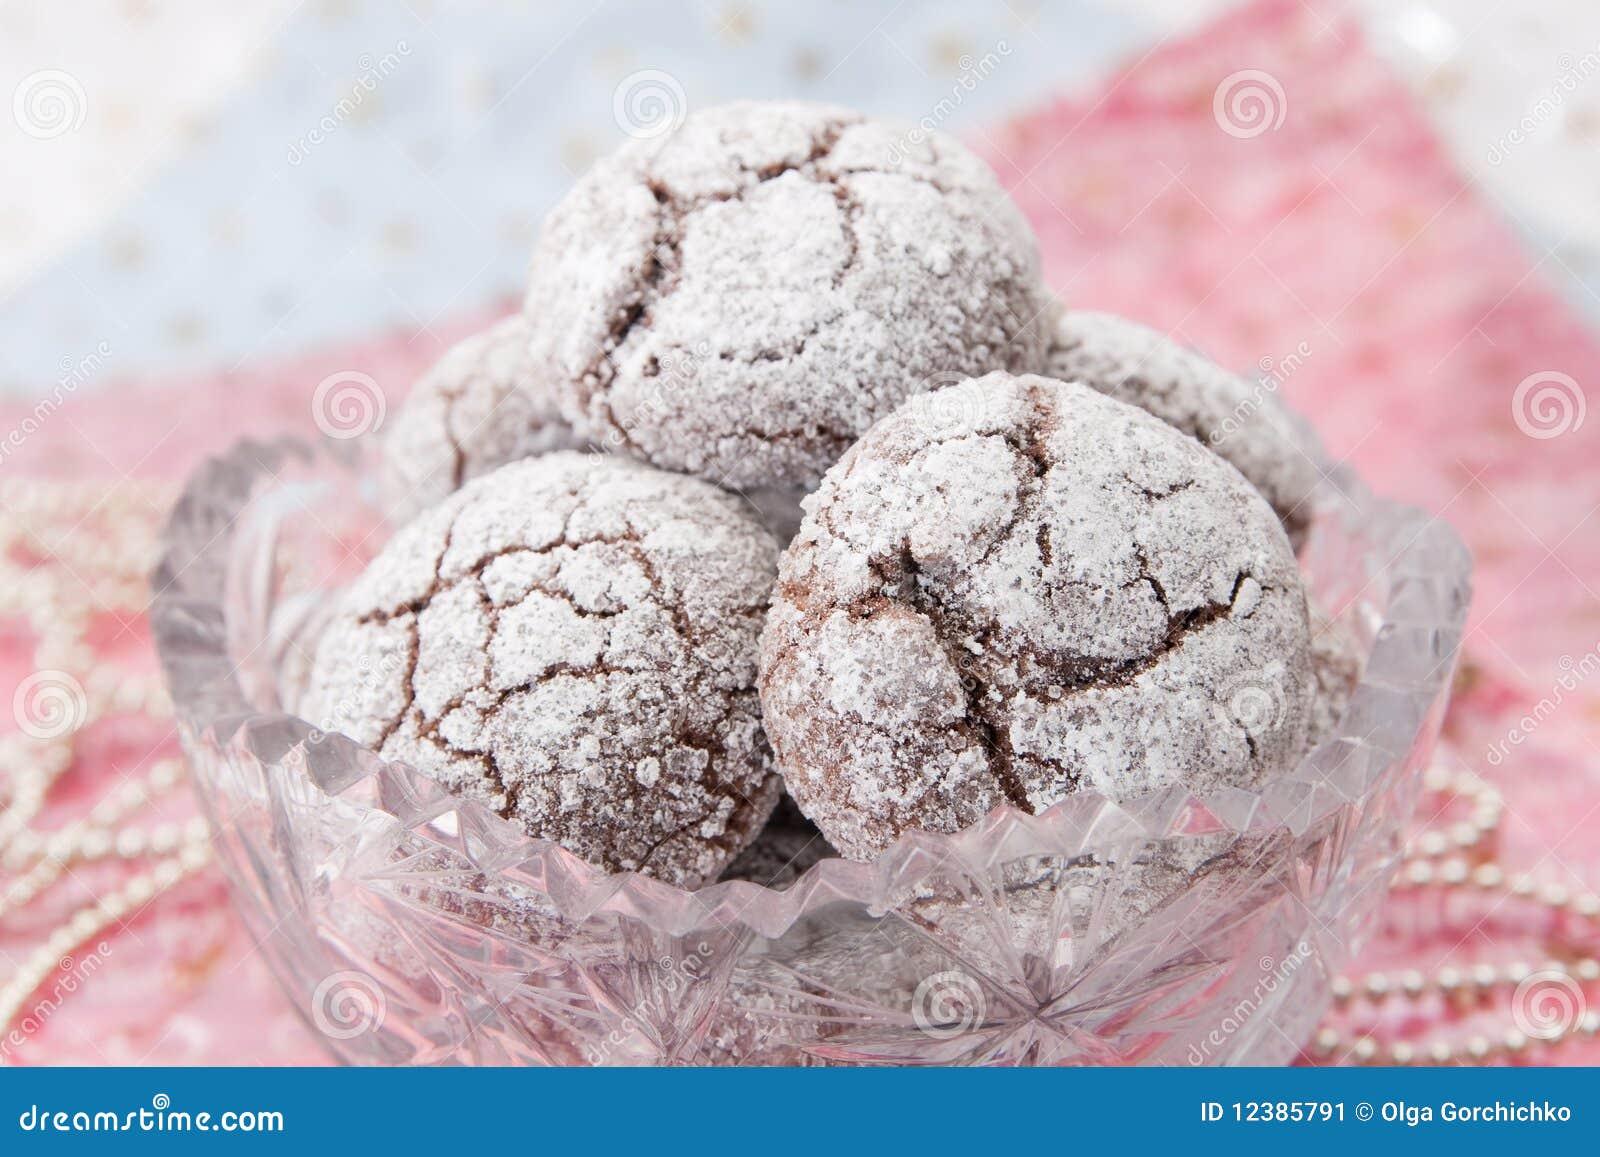 De koekjes van de chocolade in kristalkom en decoratie stock afbeelding afbeelding 12385791 - Decoratie van de kamers van de meiden ...